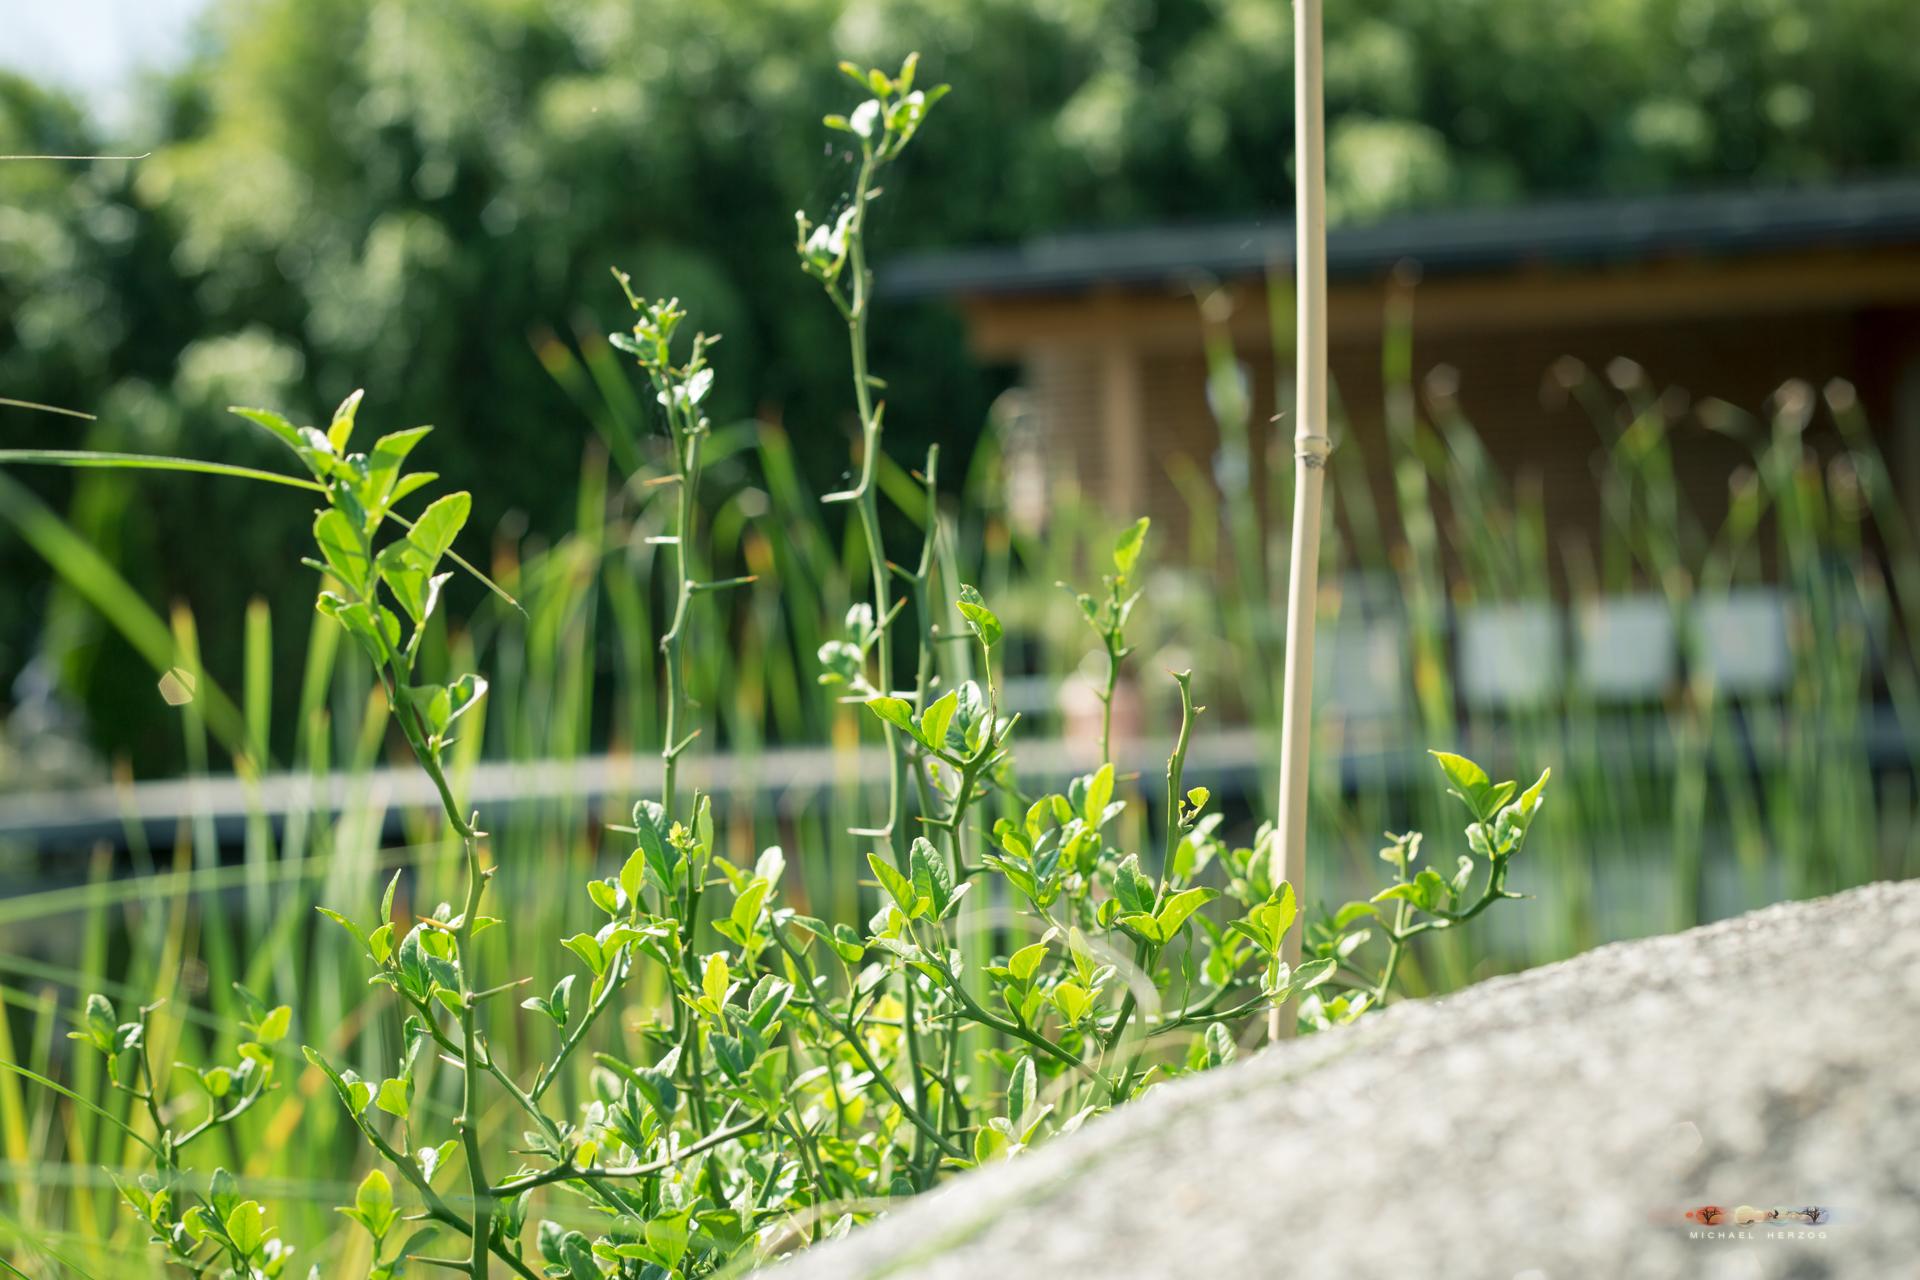 Garten_MichaelHerzog-1460.jpg